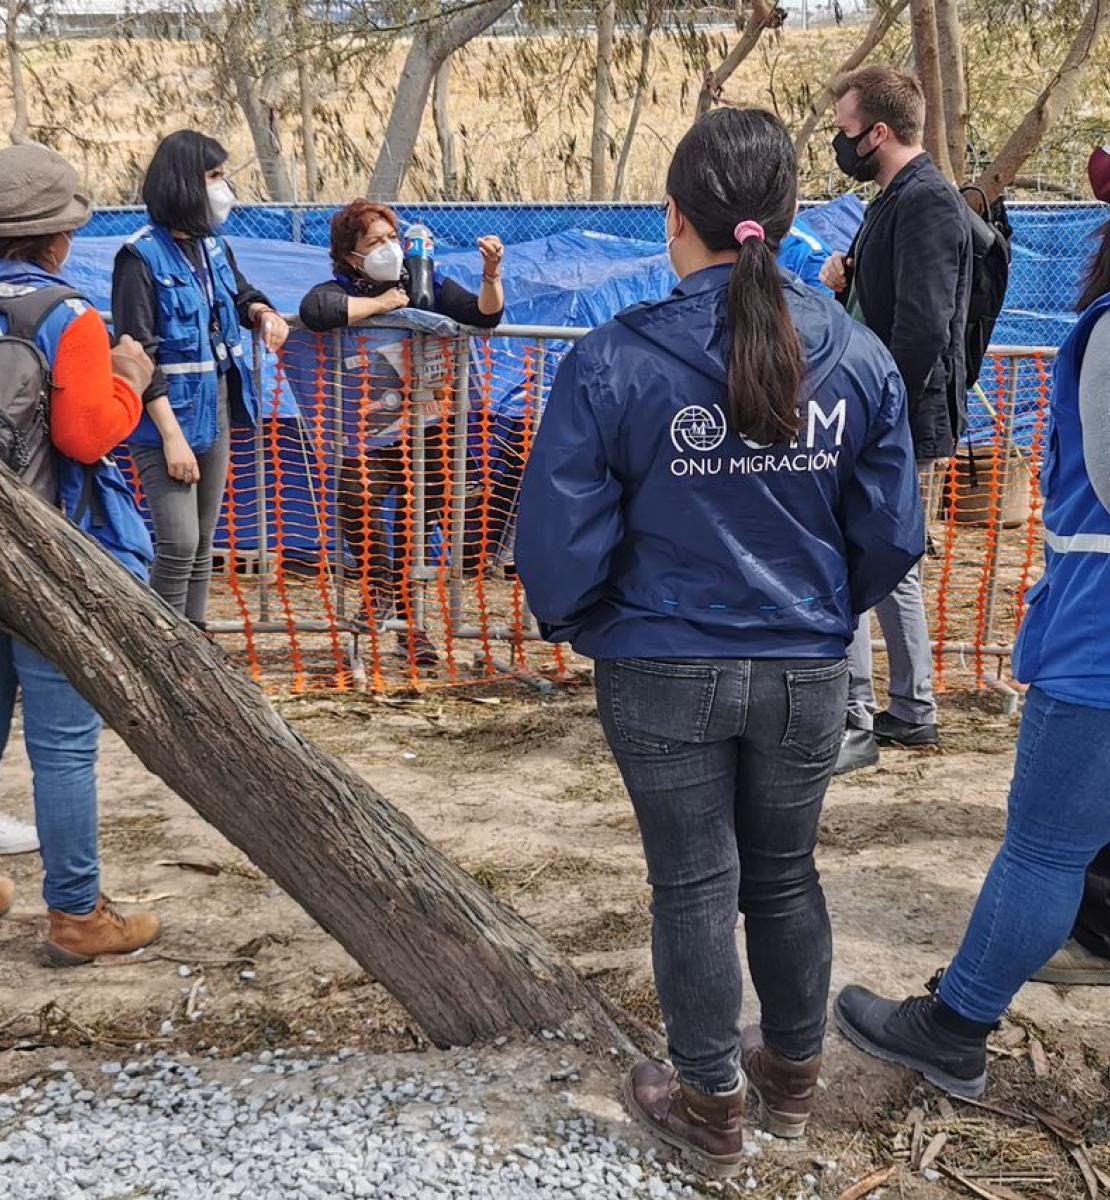 Hombres y mujeres en una reunión sobre el terreno para preparar a las personas y familias que viven en el campo informal de Matamorosm México, para su entrada en EE UU.